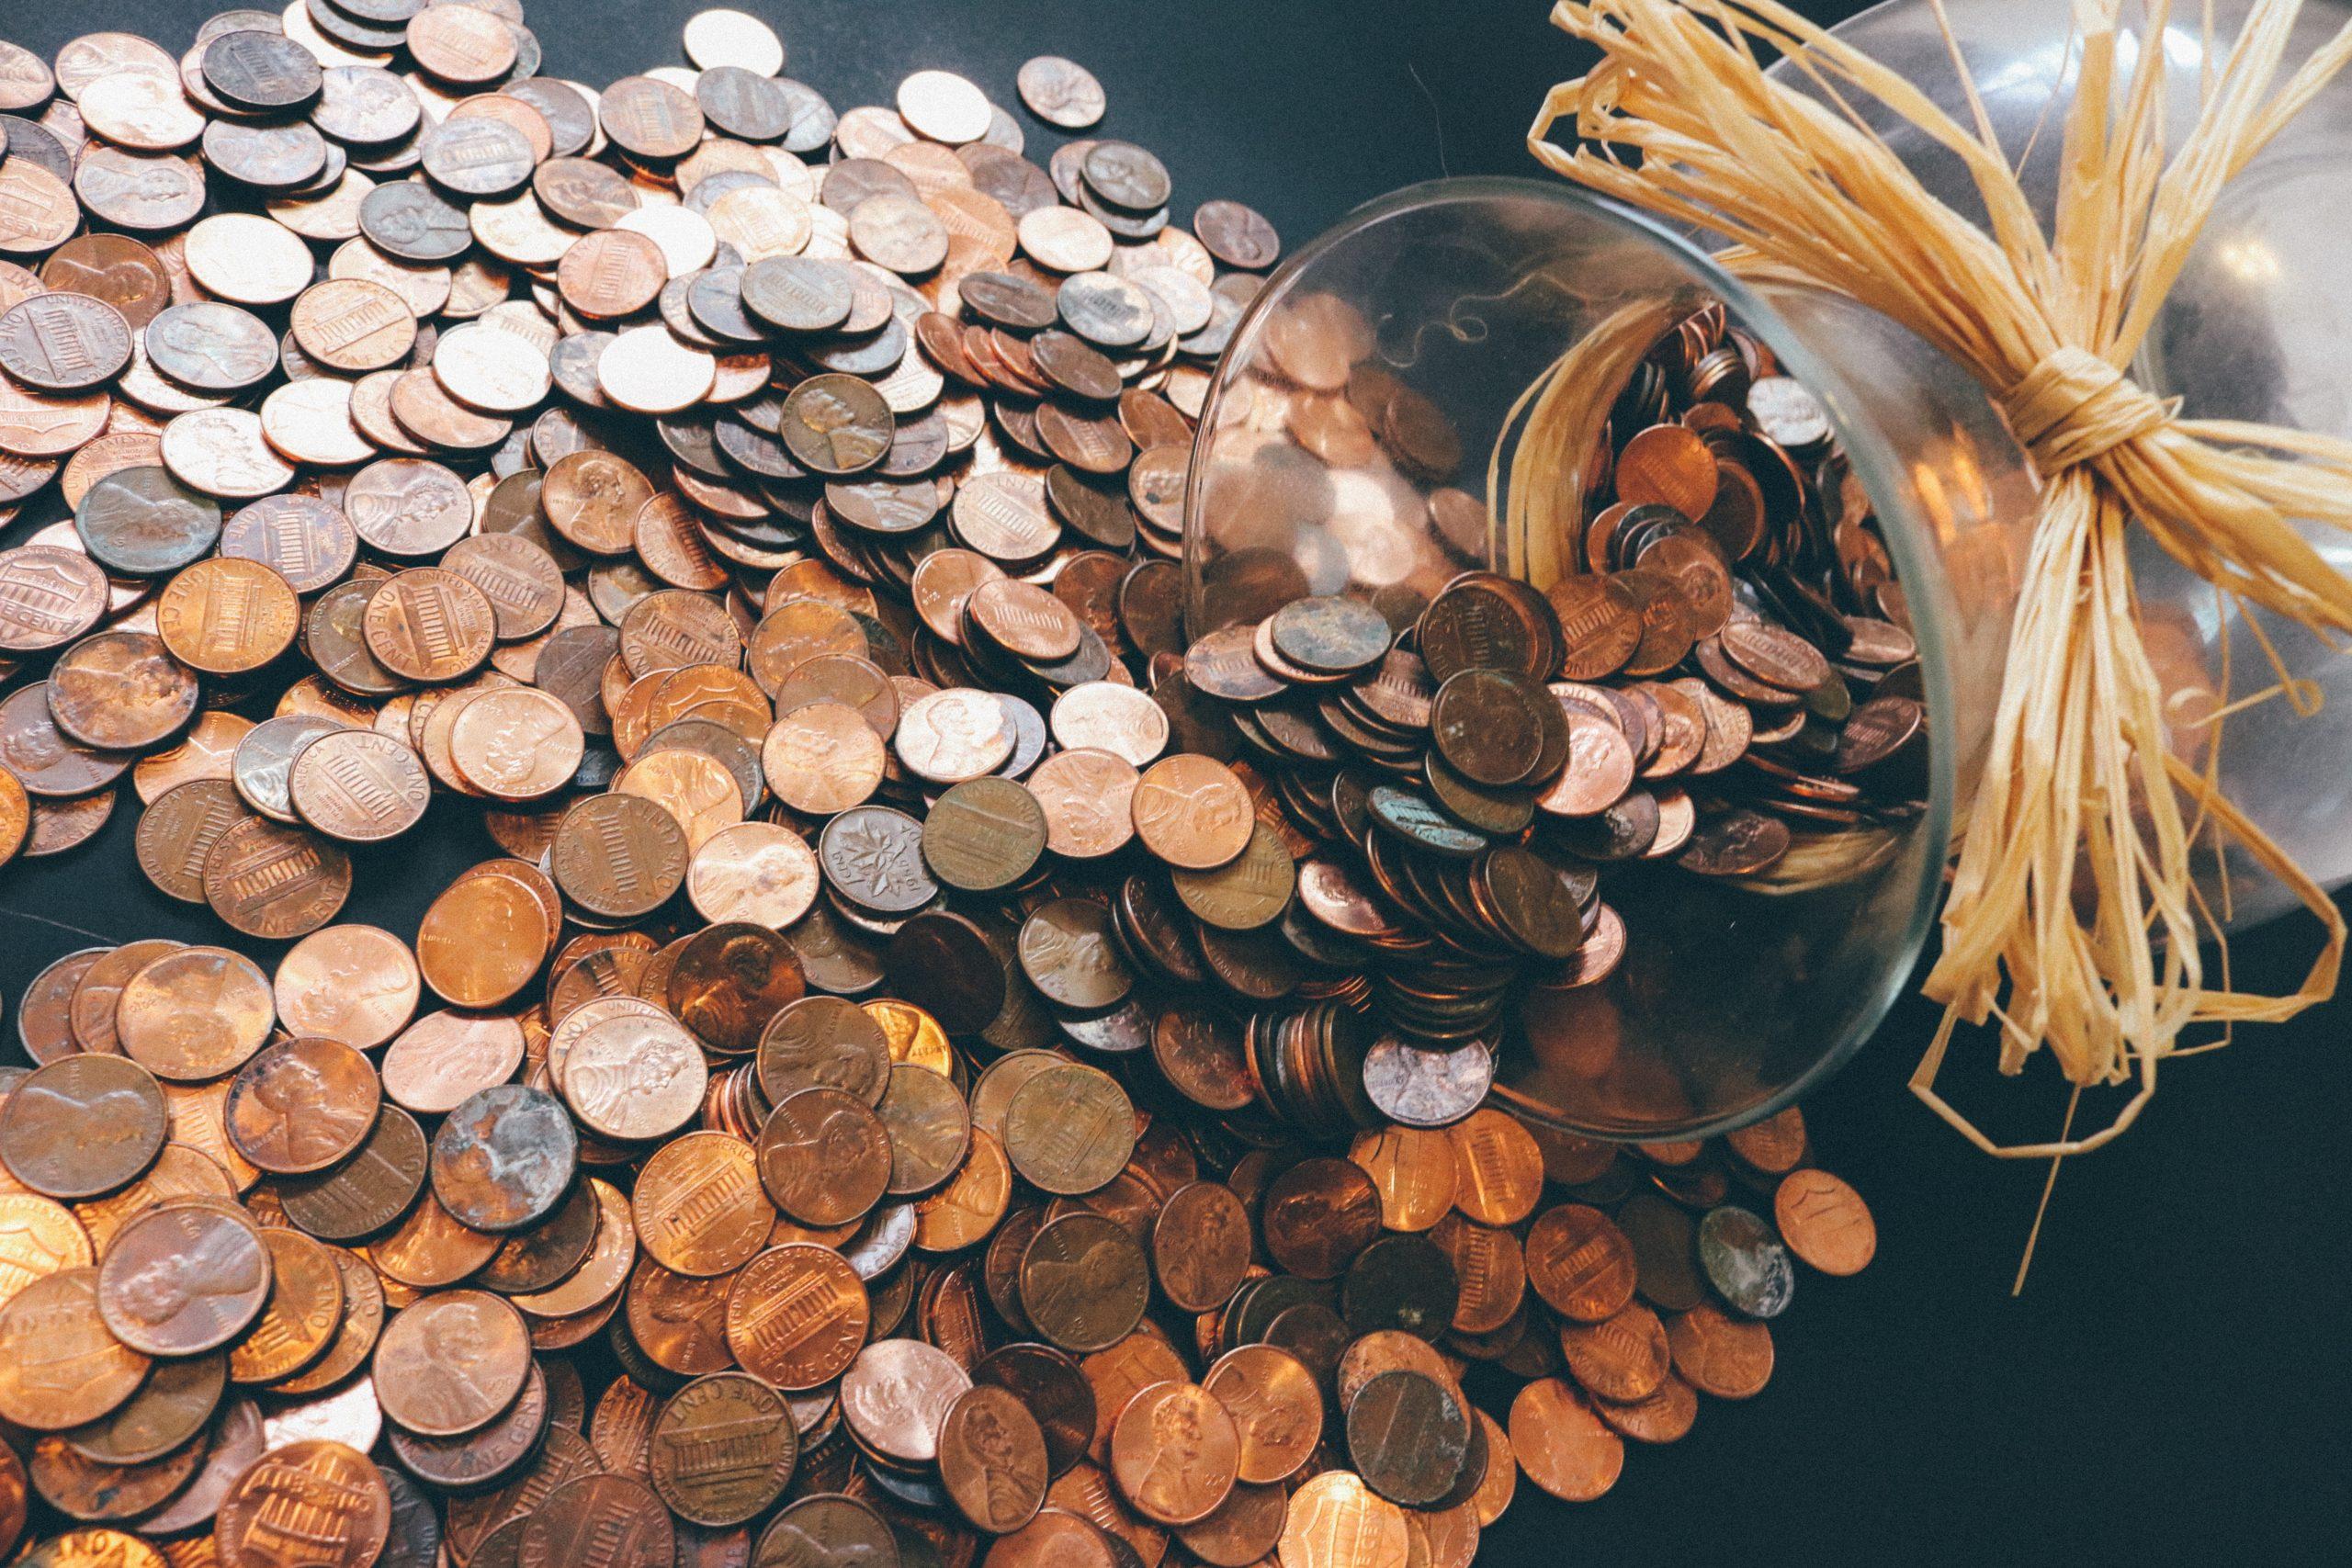 Proroga scadenza contributi artigiani e commercianti del 17 maggio 2021